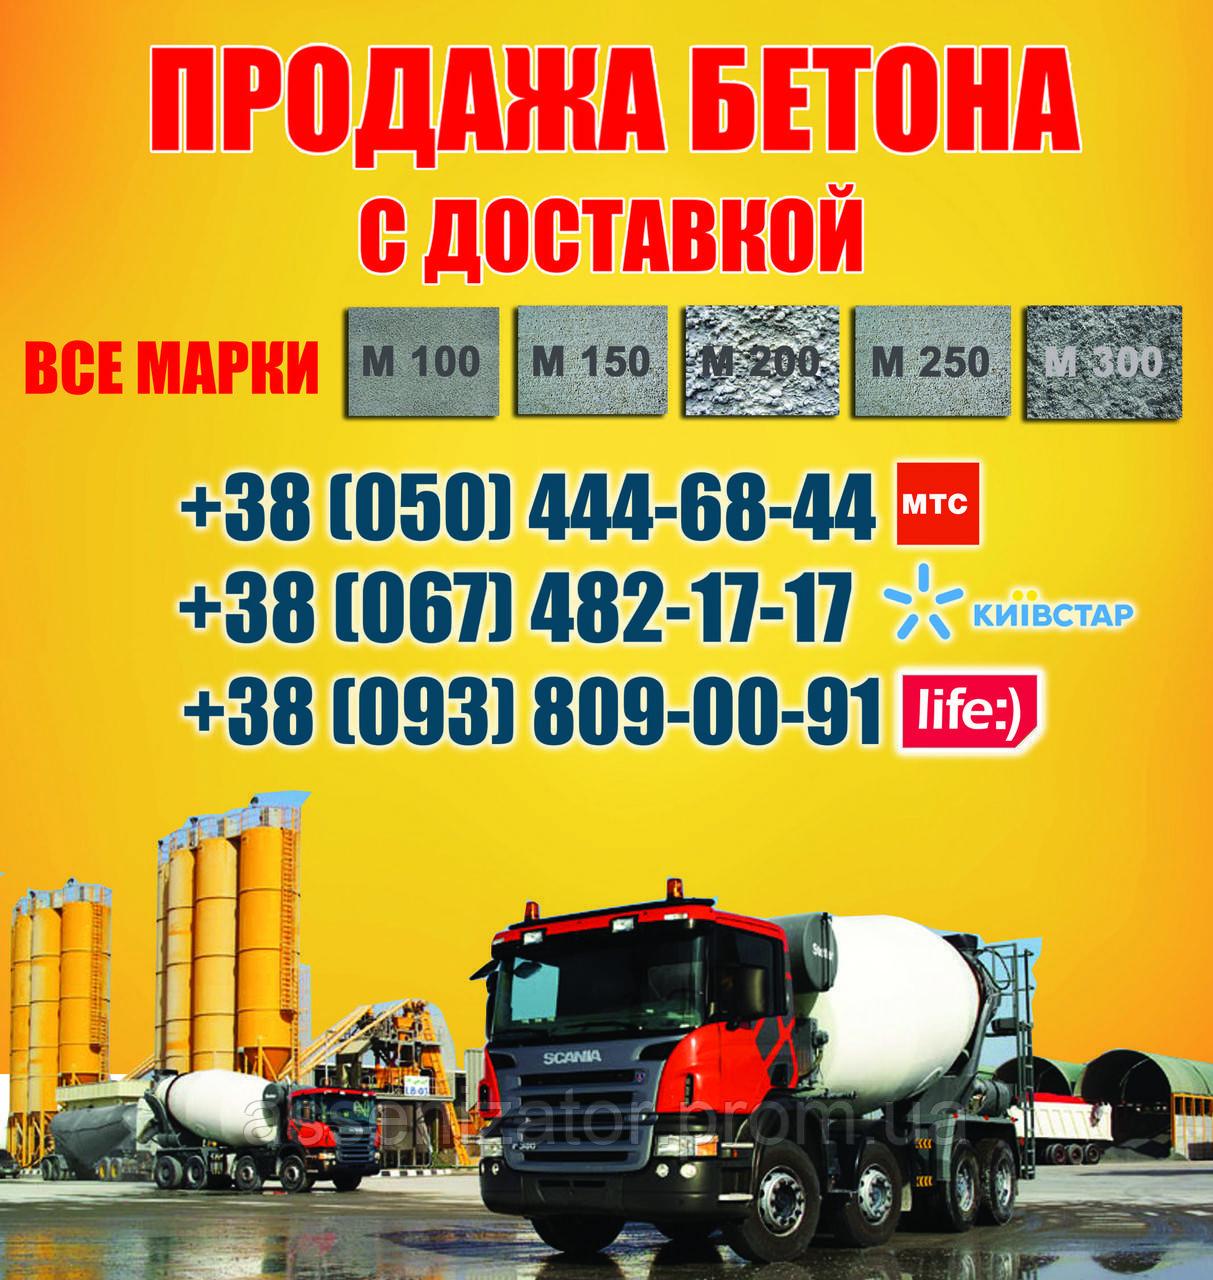 Бетон Обухов. Купить бетон в Обухове. Цена за куб по Обухову. Купить с доставкой бетон ОБУХОВ.